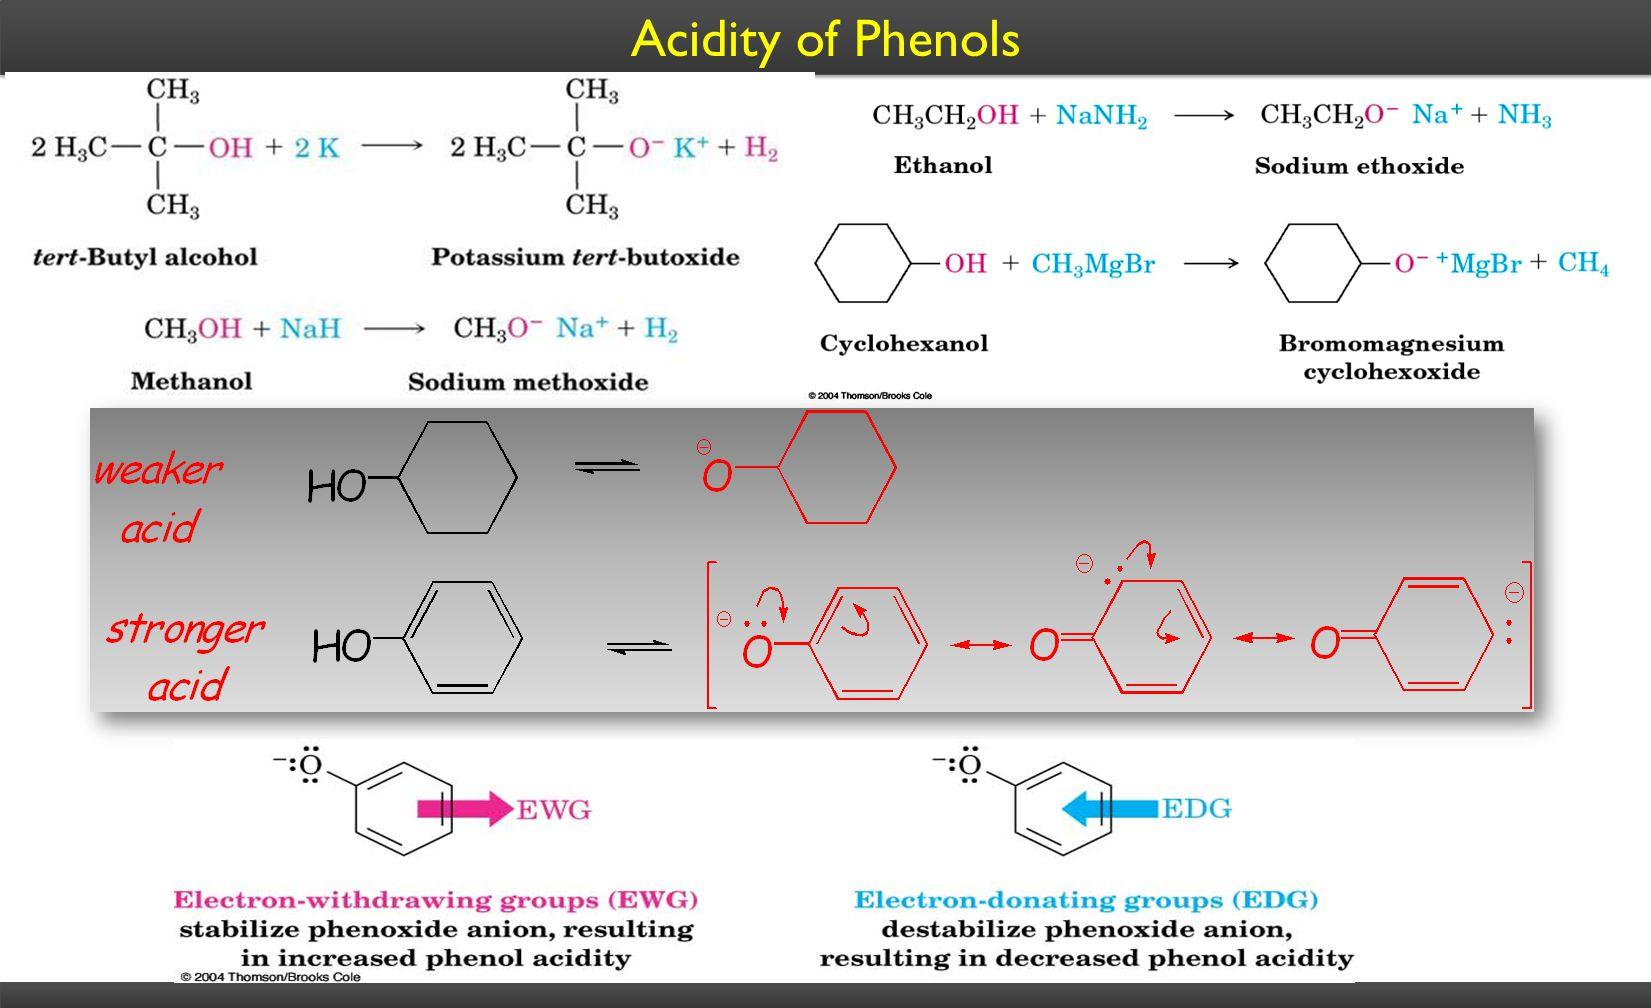 Acidity of Phenols